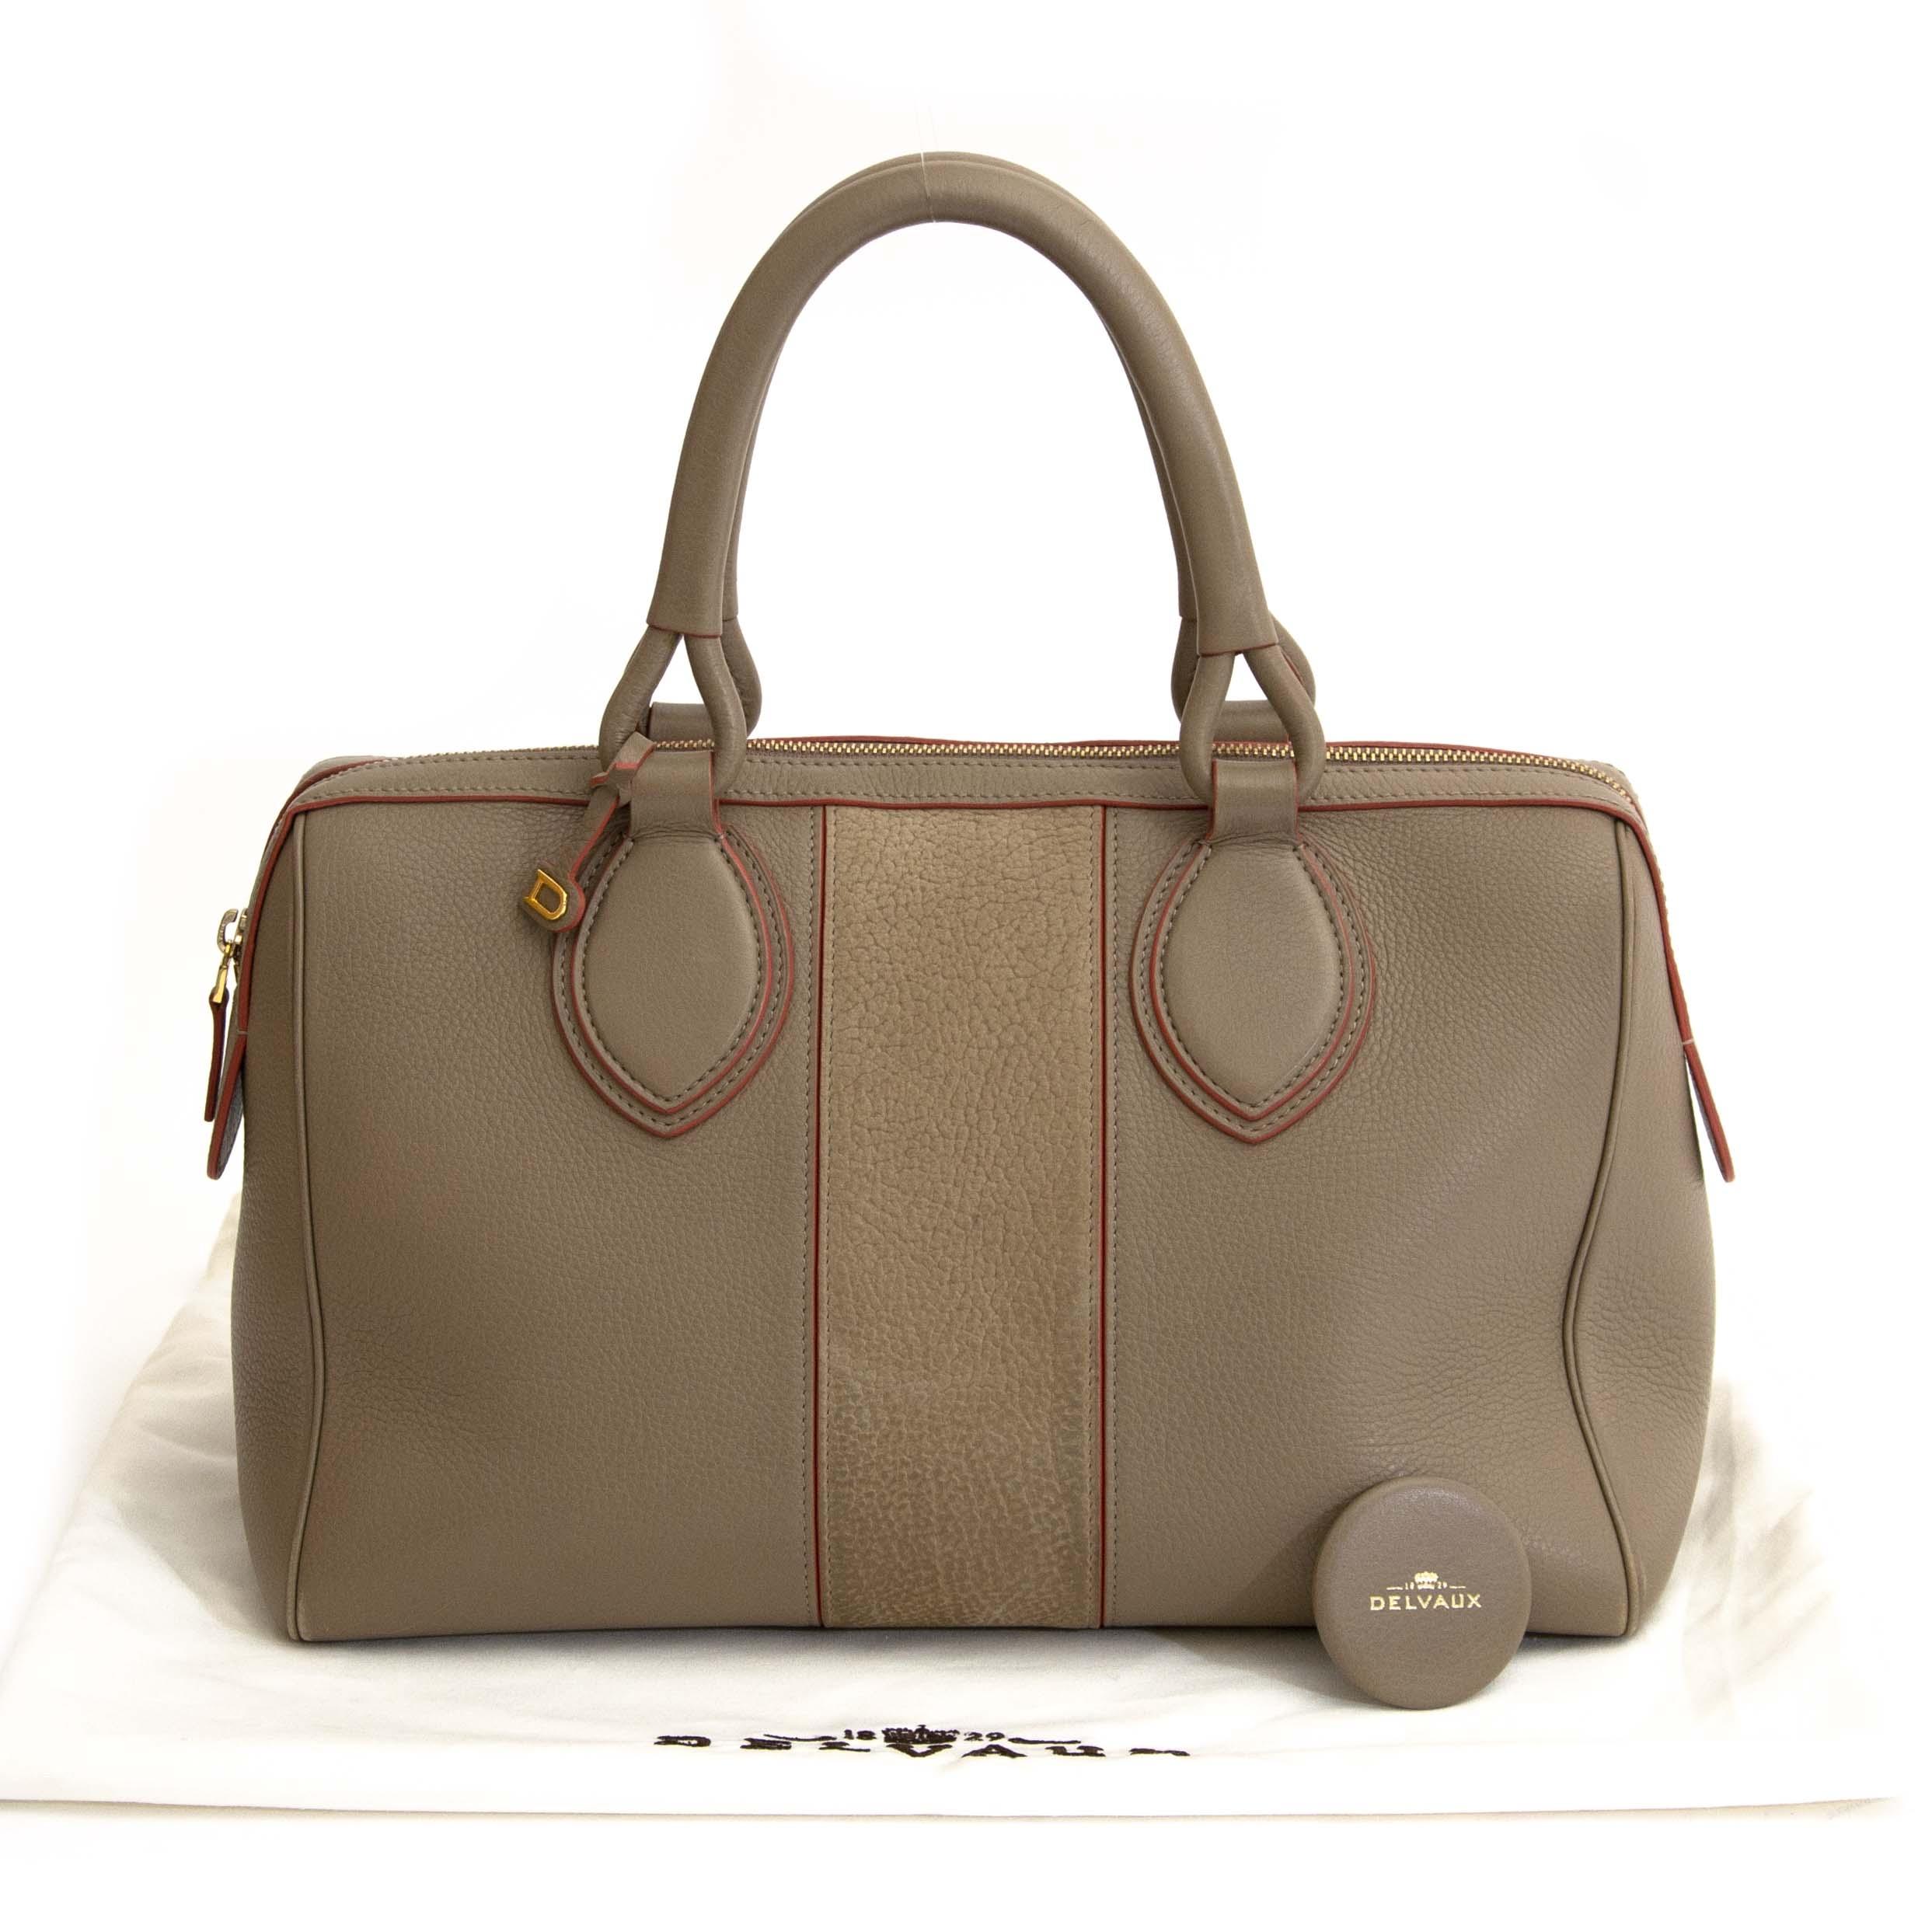 262cc7dccbcd ... Koop en verkoop tweedehands vintage delvaux handtassen antwerpen ·  Delvaux